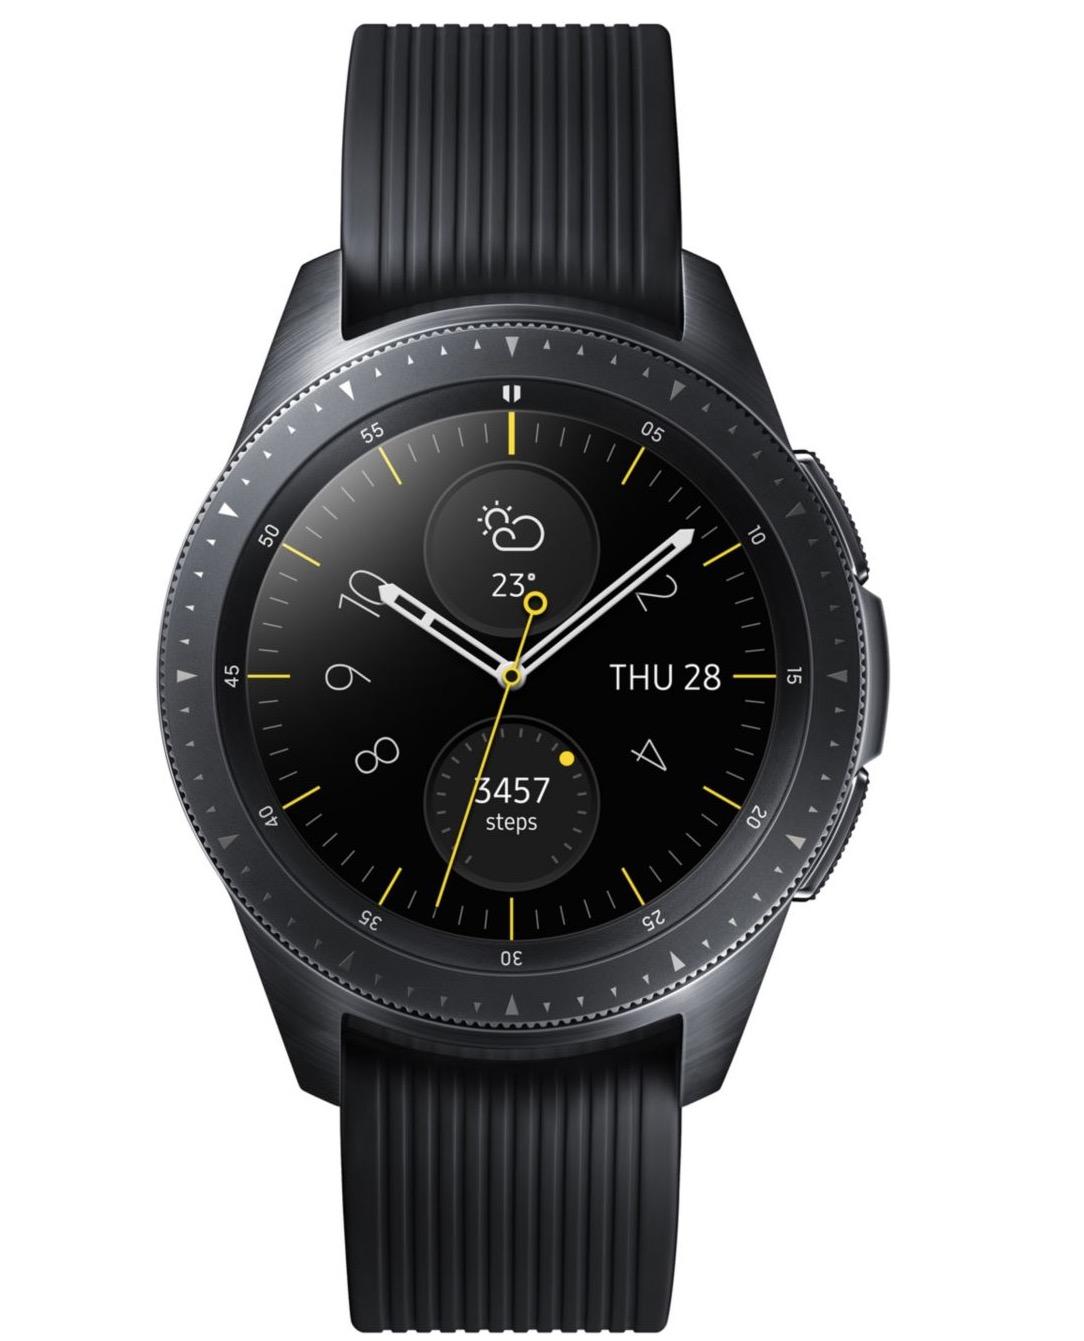 Montre connectée Samsung Galaxy Watch noir à 229,00€